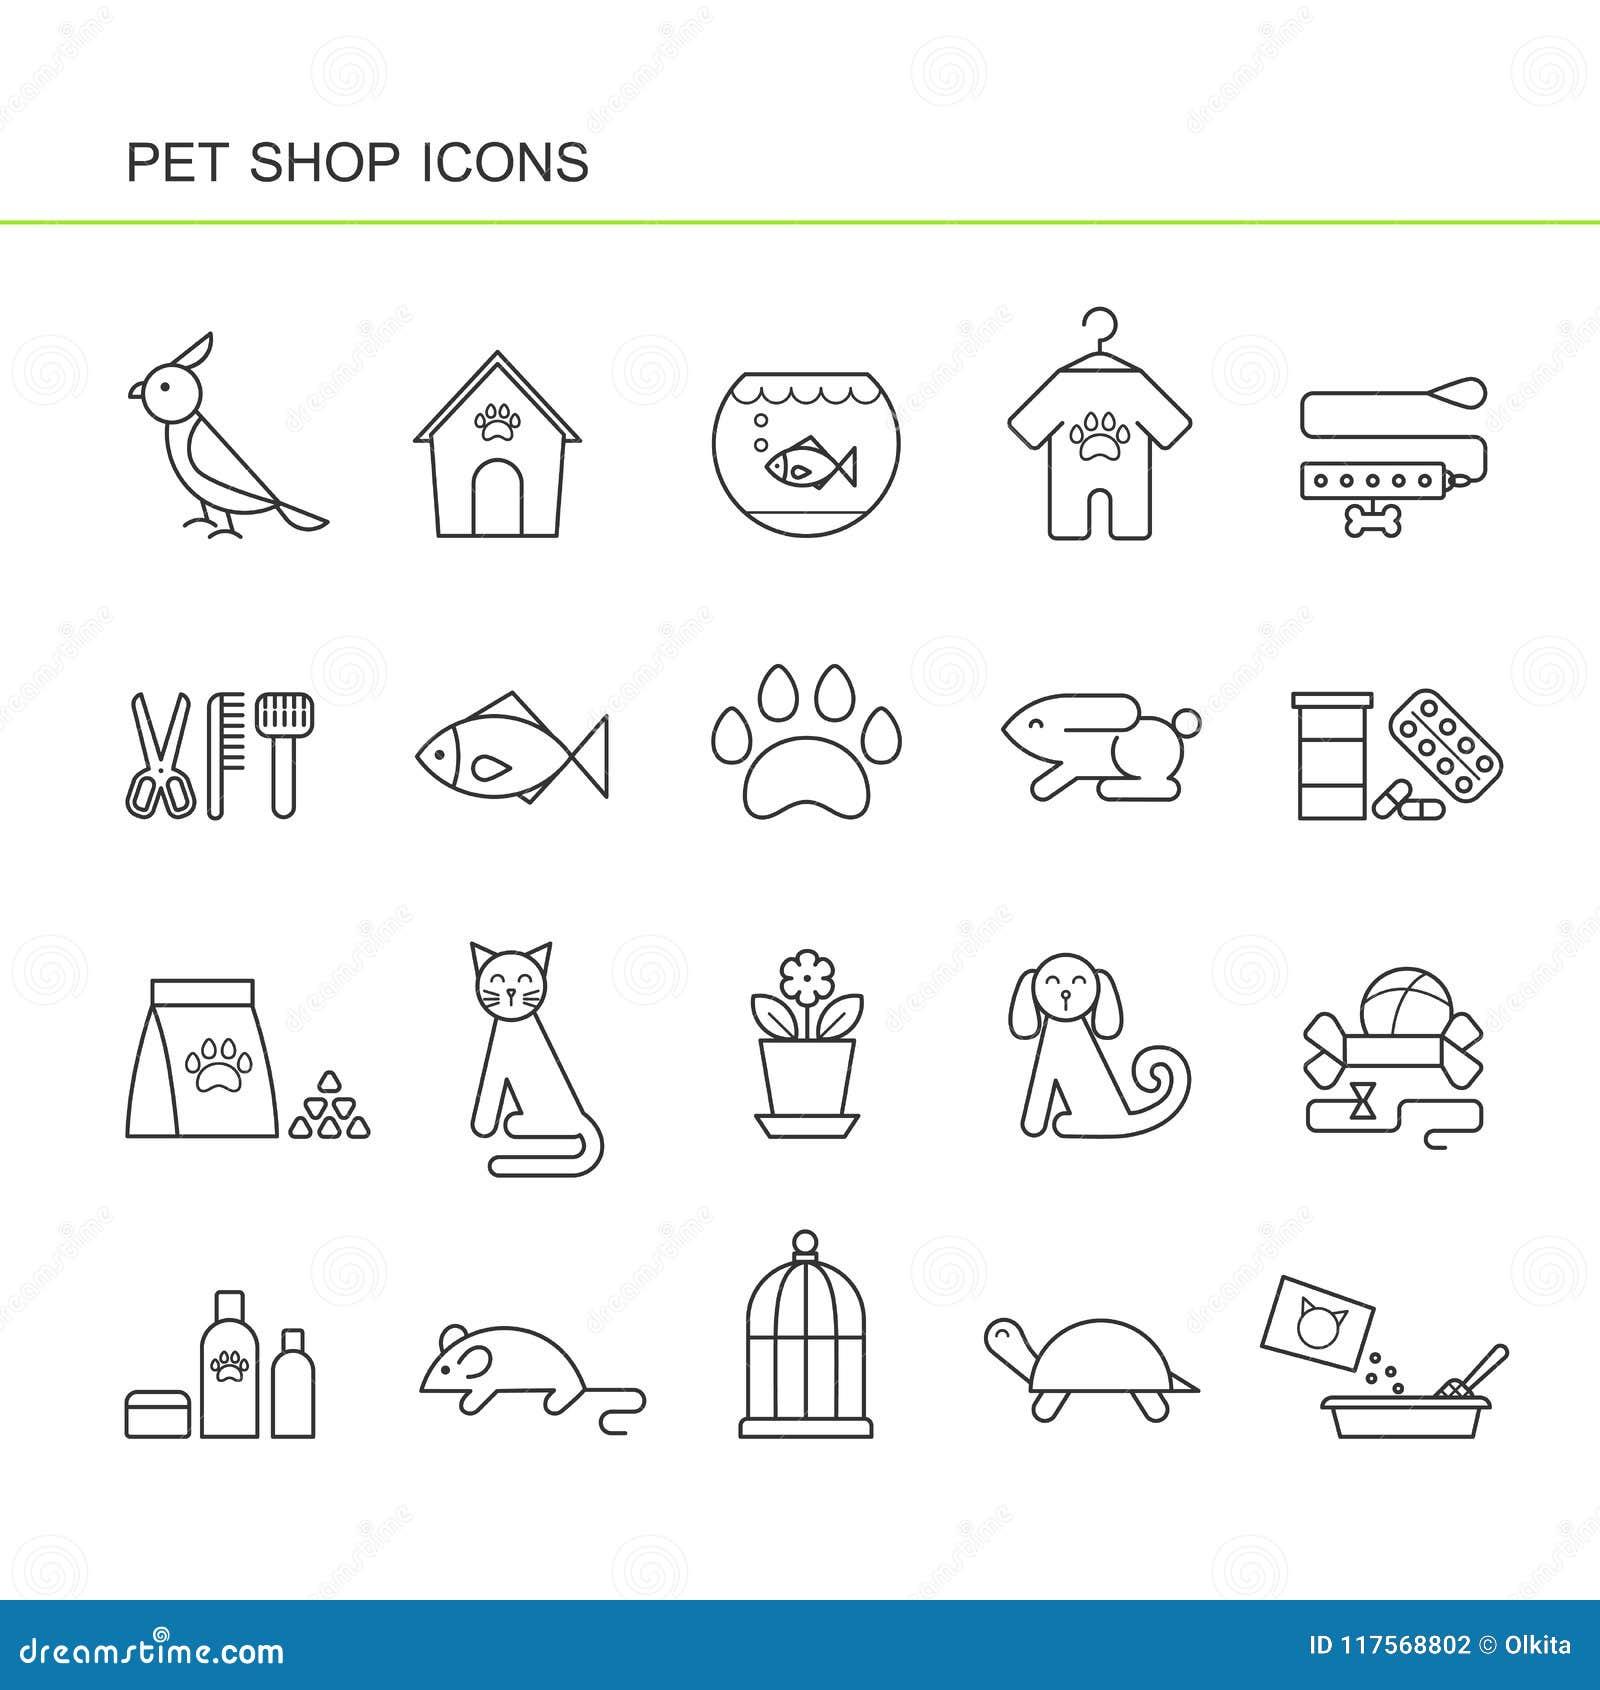 Ícones pretos isolados da coleção do esboço do cão, gato, papagaio, peixe, aquário, alimento animal, colar, tartaruga, canil, acc